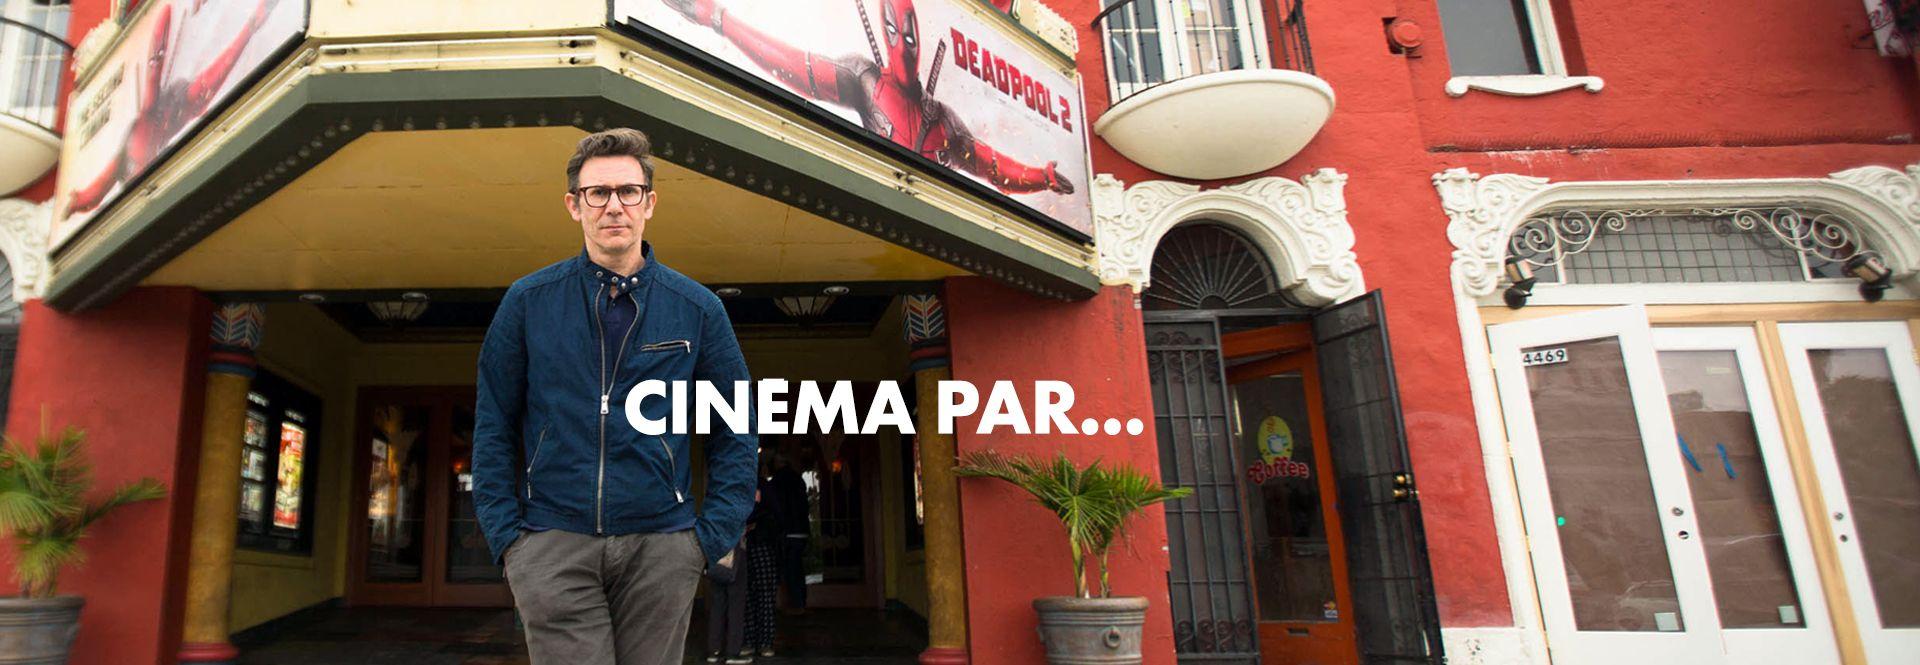 Cinéma, par...